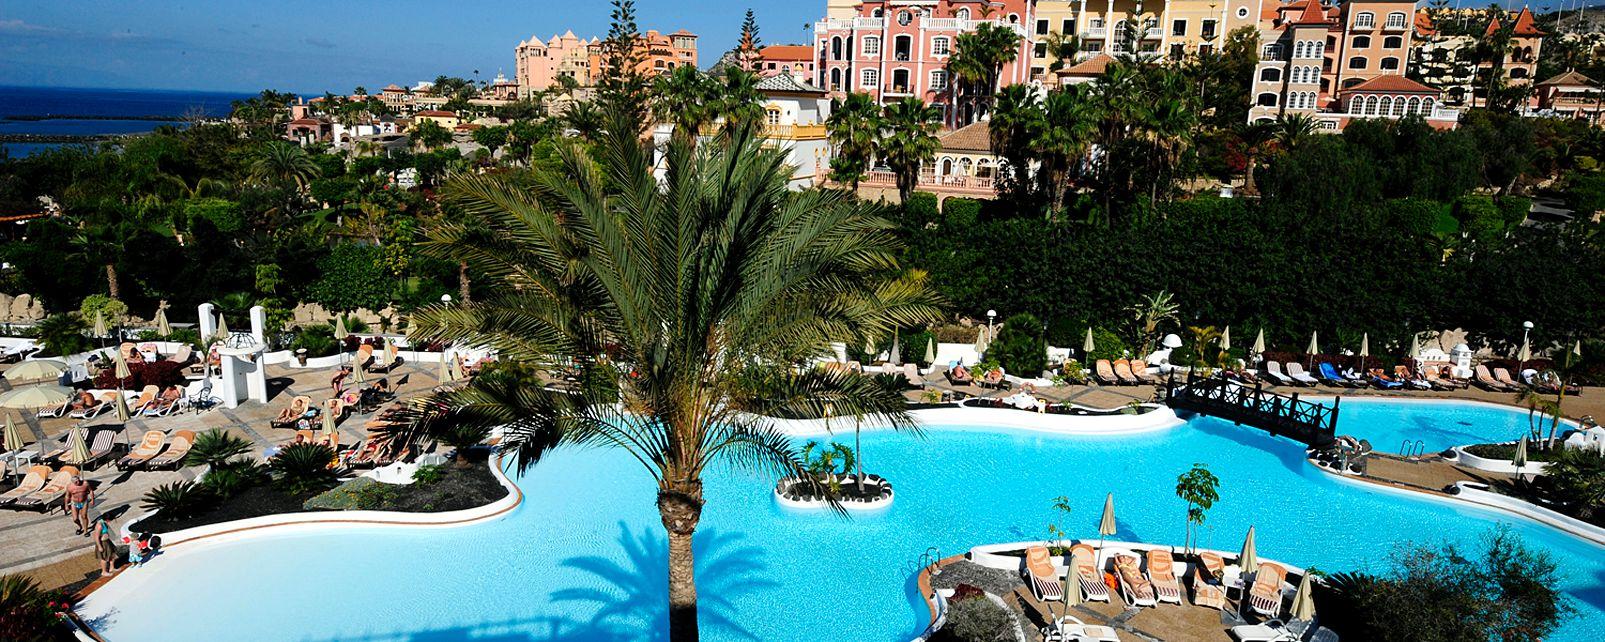 Hotel Gran Tacande Wellness Relax